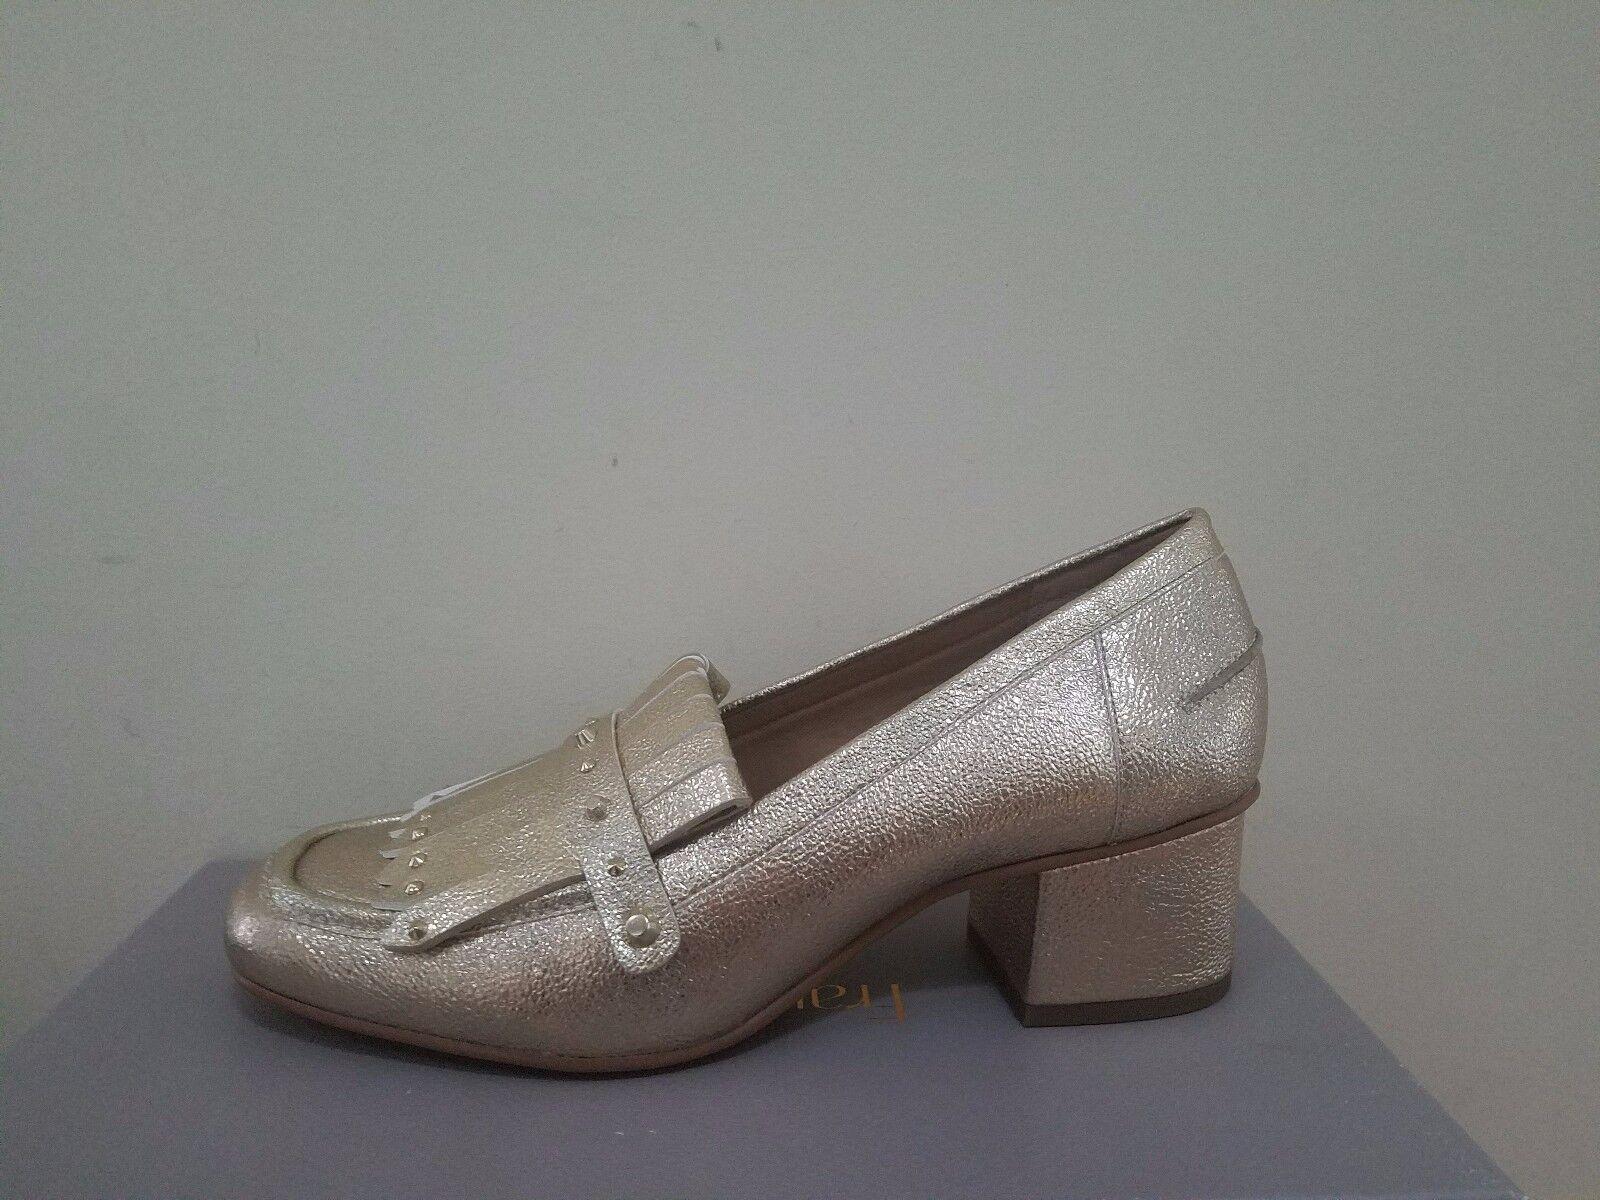 Franco Sarto Lauryn Platino Heels Heels Platino Größe 8.5 NIB 0a5860